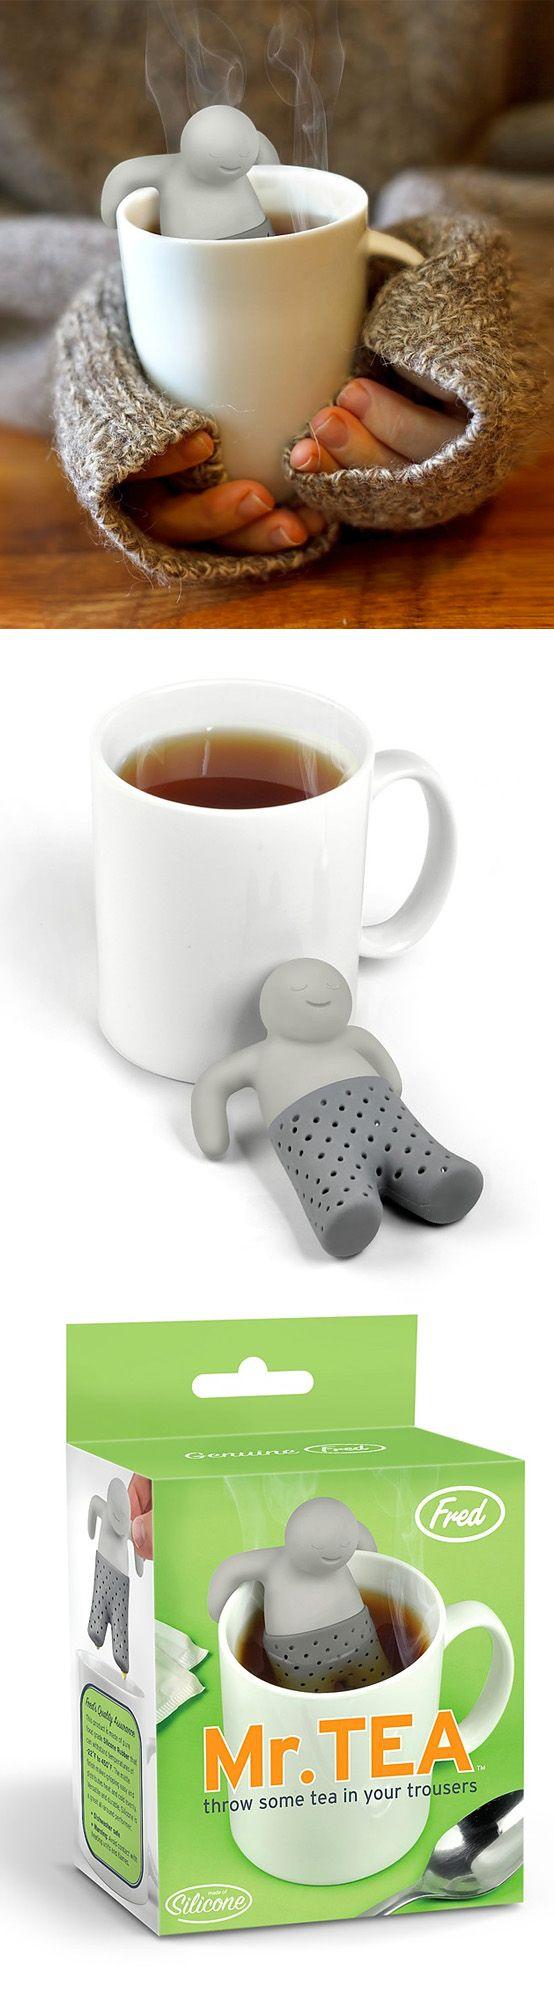 Nos encanta este infusor Mr. Tea, es super original! - Mr. Tea's cool tea bag    #Regalos #Frikis #Tea #Bag #Infusor #Te #Greek #Gifts